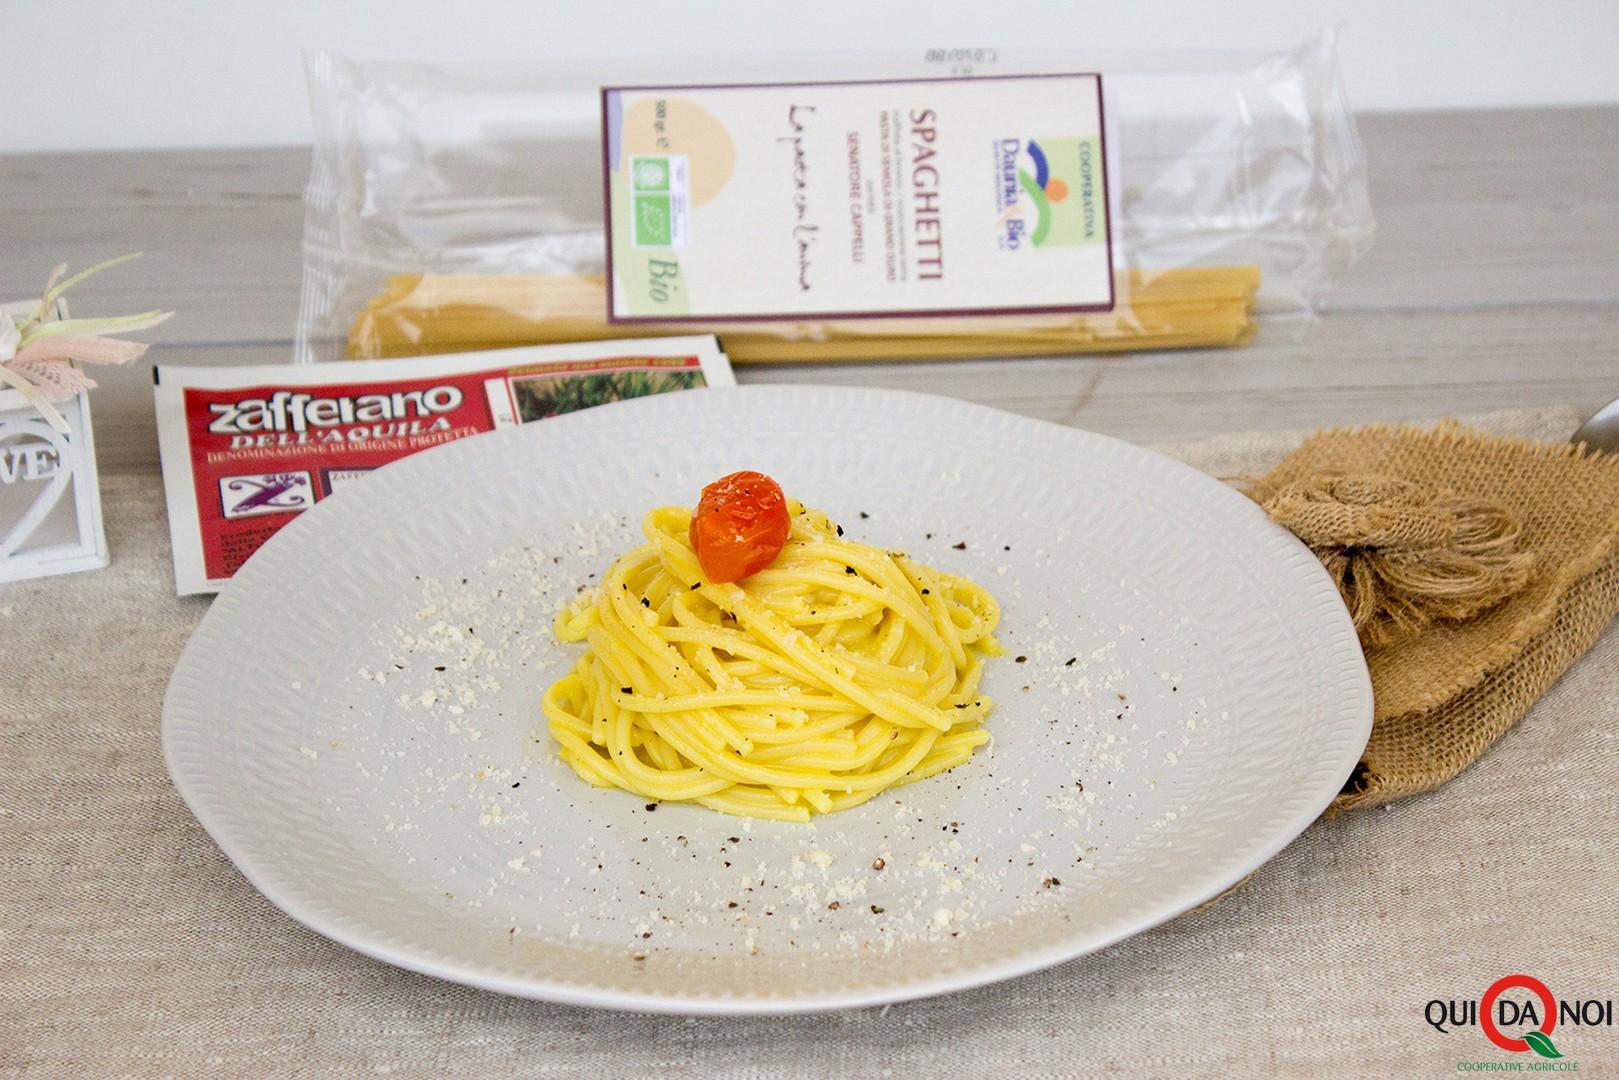 Spaghetti cacio pepe e zafferano_pasquale (2)